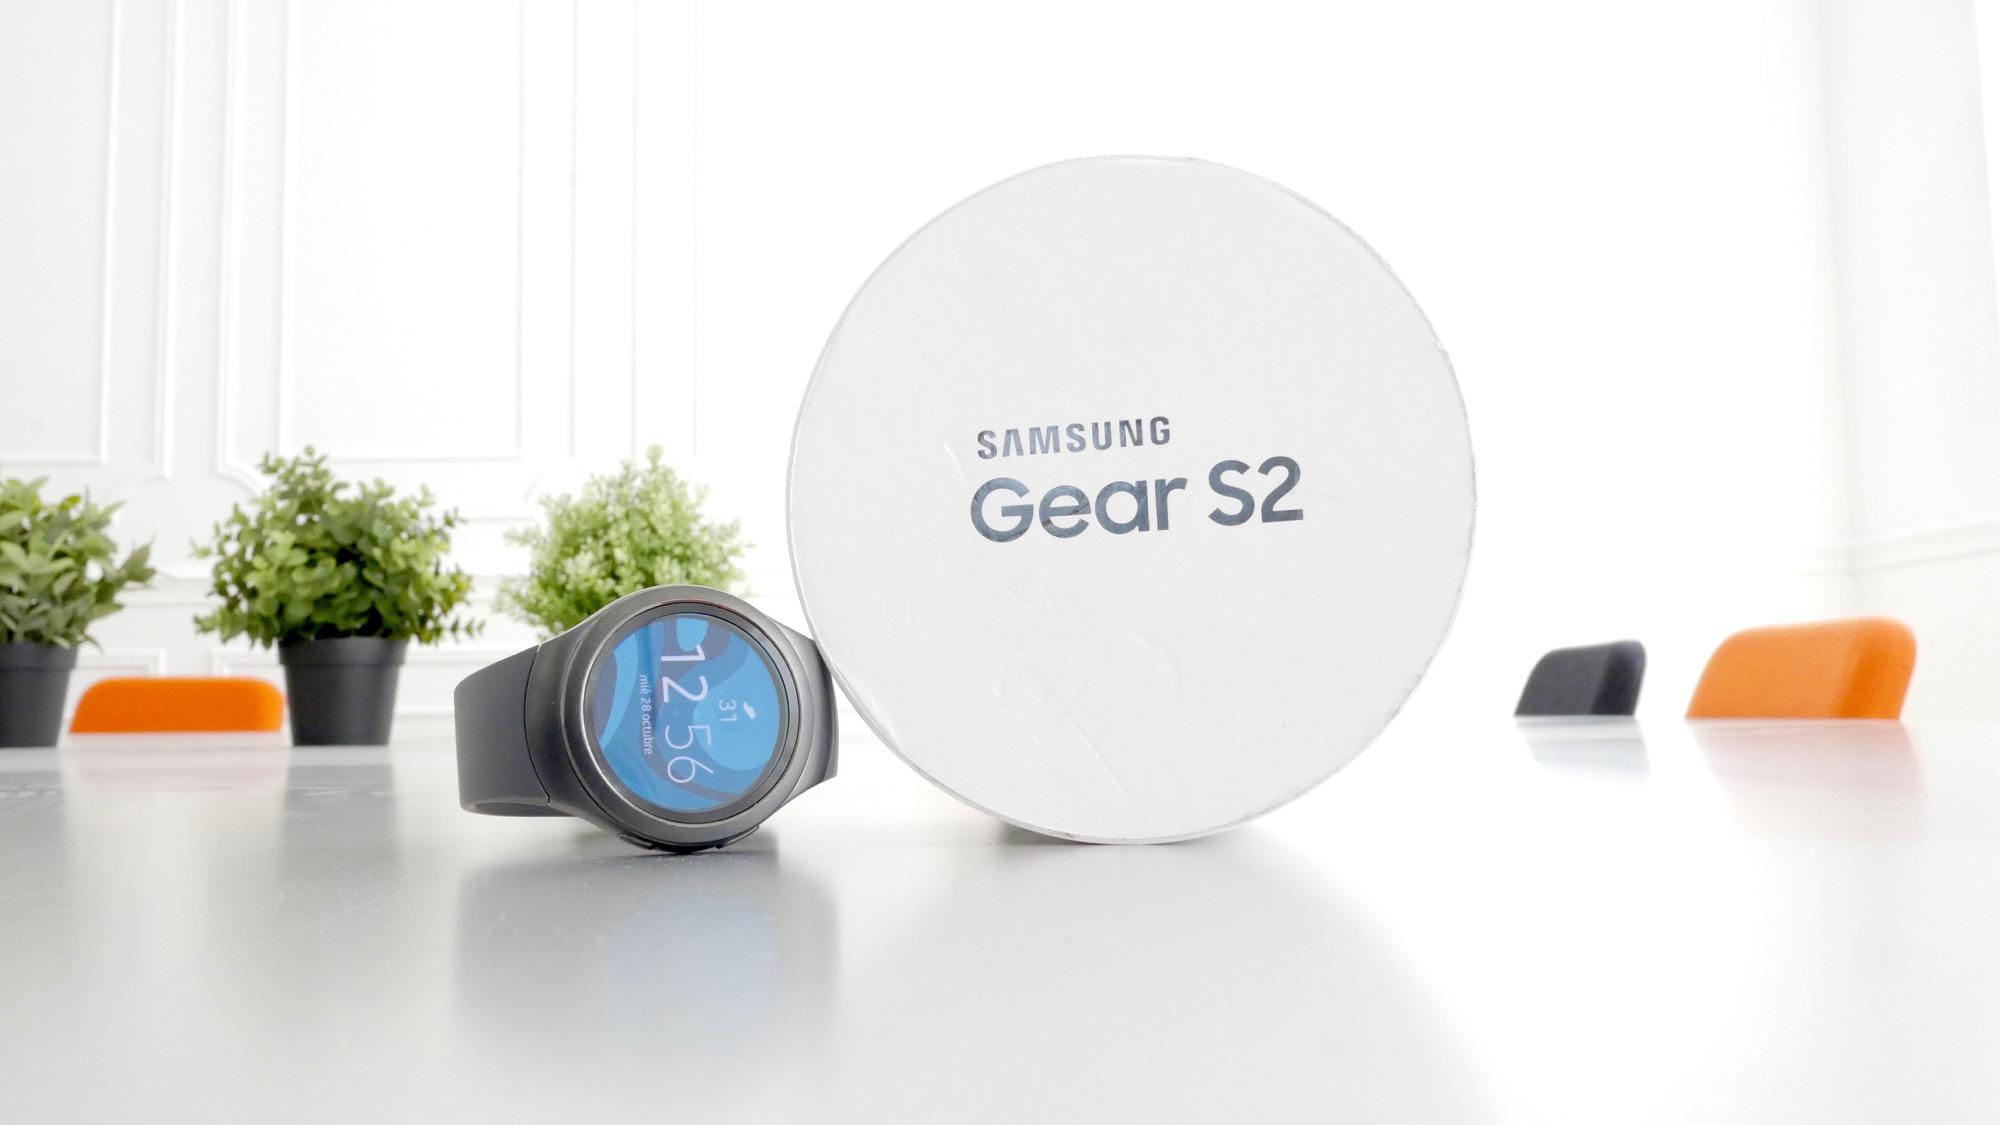 reloj inteligente samsung gear s2 sport por 149 euros y env o gratis. Black Bedroom Furniture Sets. Home Design Ideas